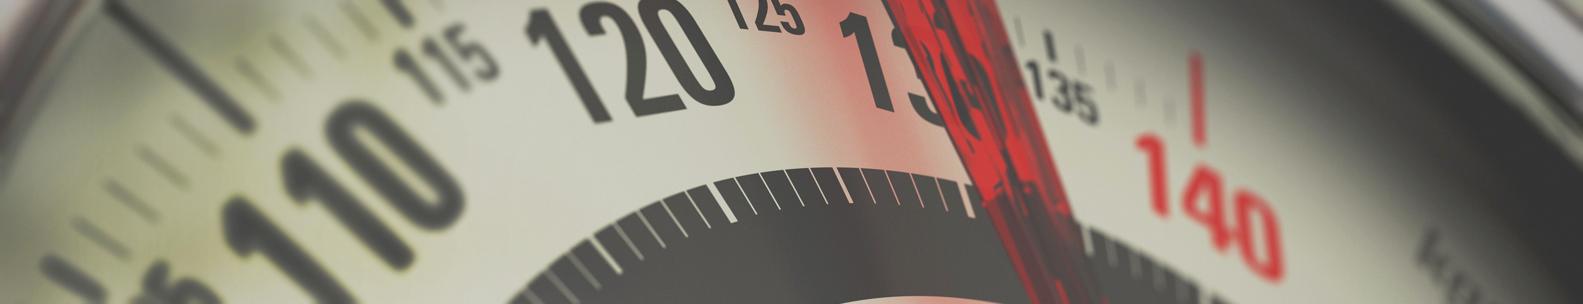 Svarstyklės  Elektroninės svarstyklės tiksliems, įvairaus dydžio objektų svorio matavimams